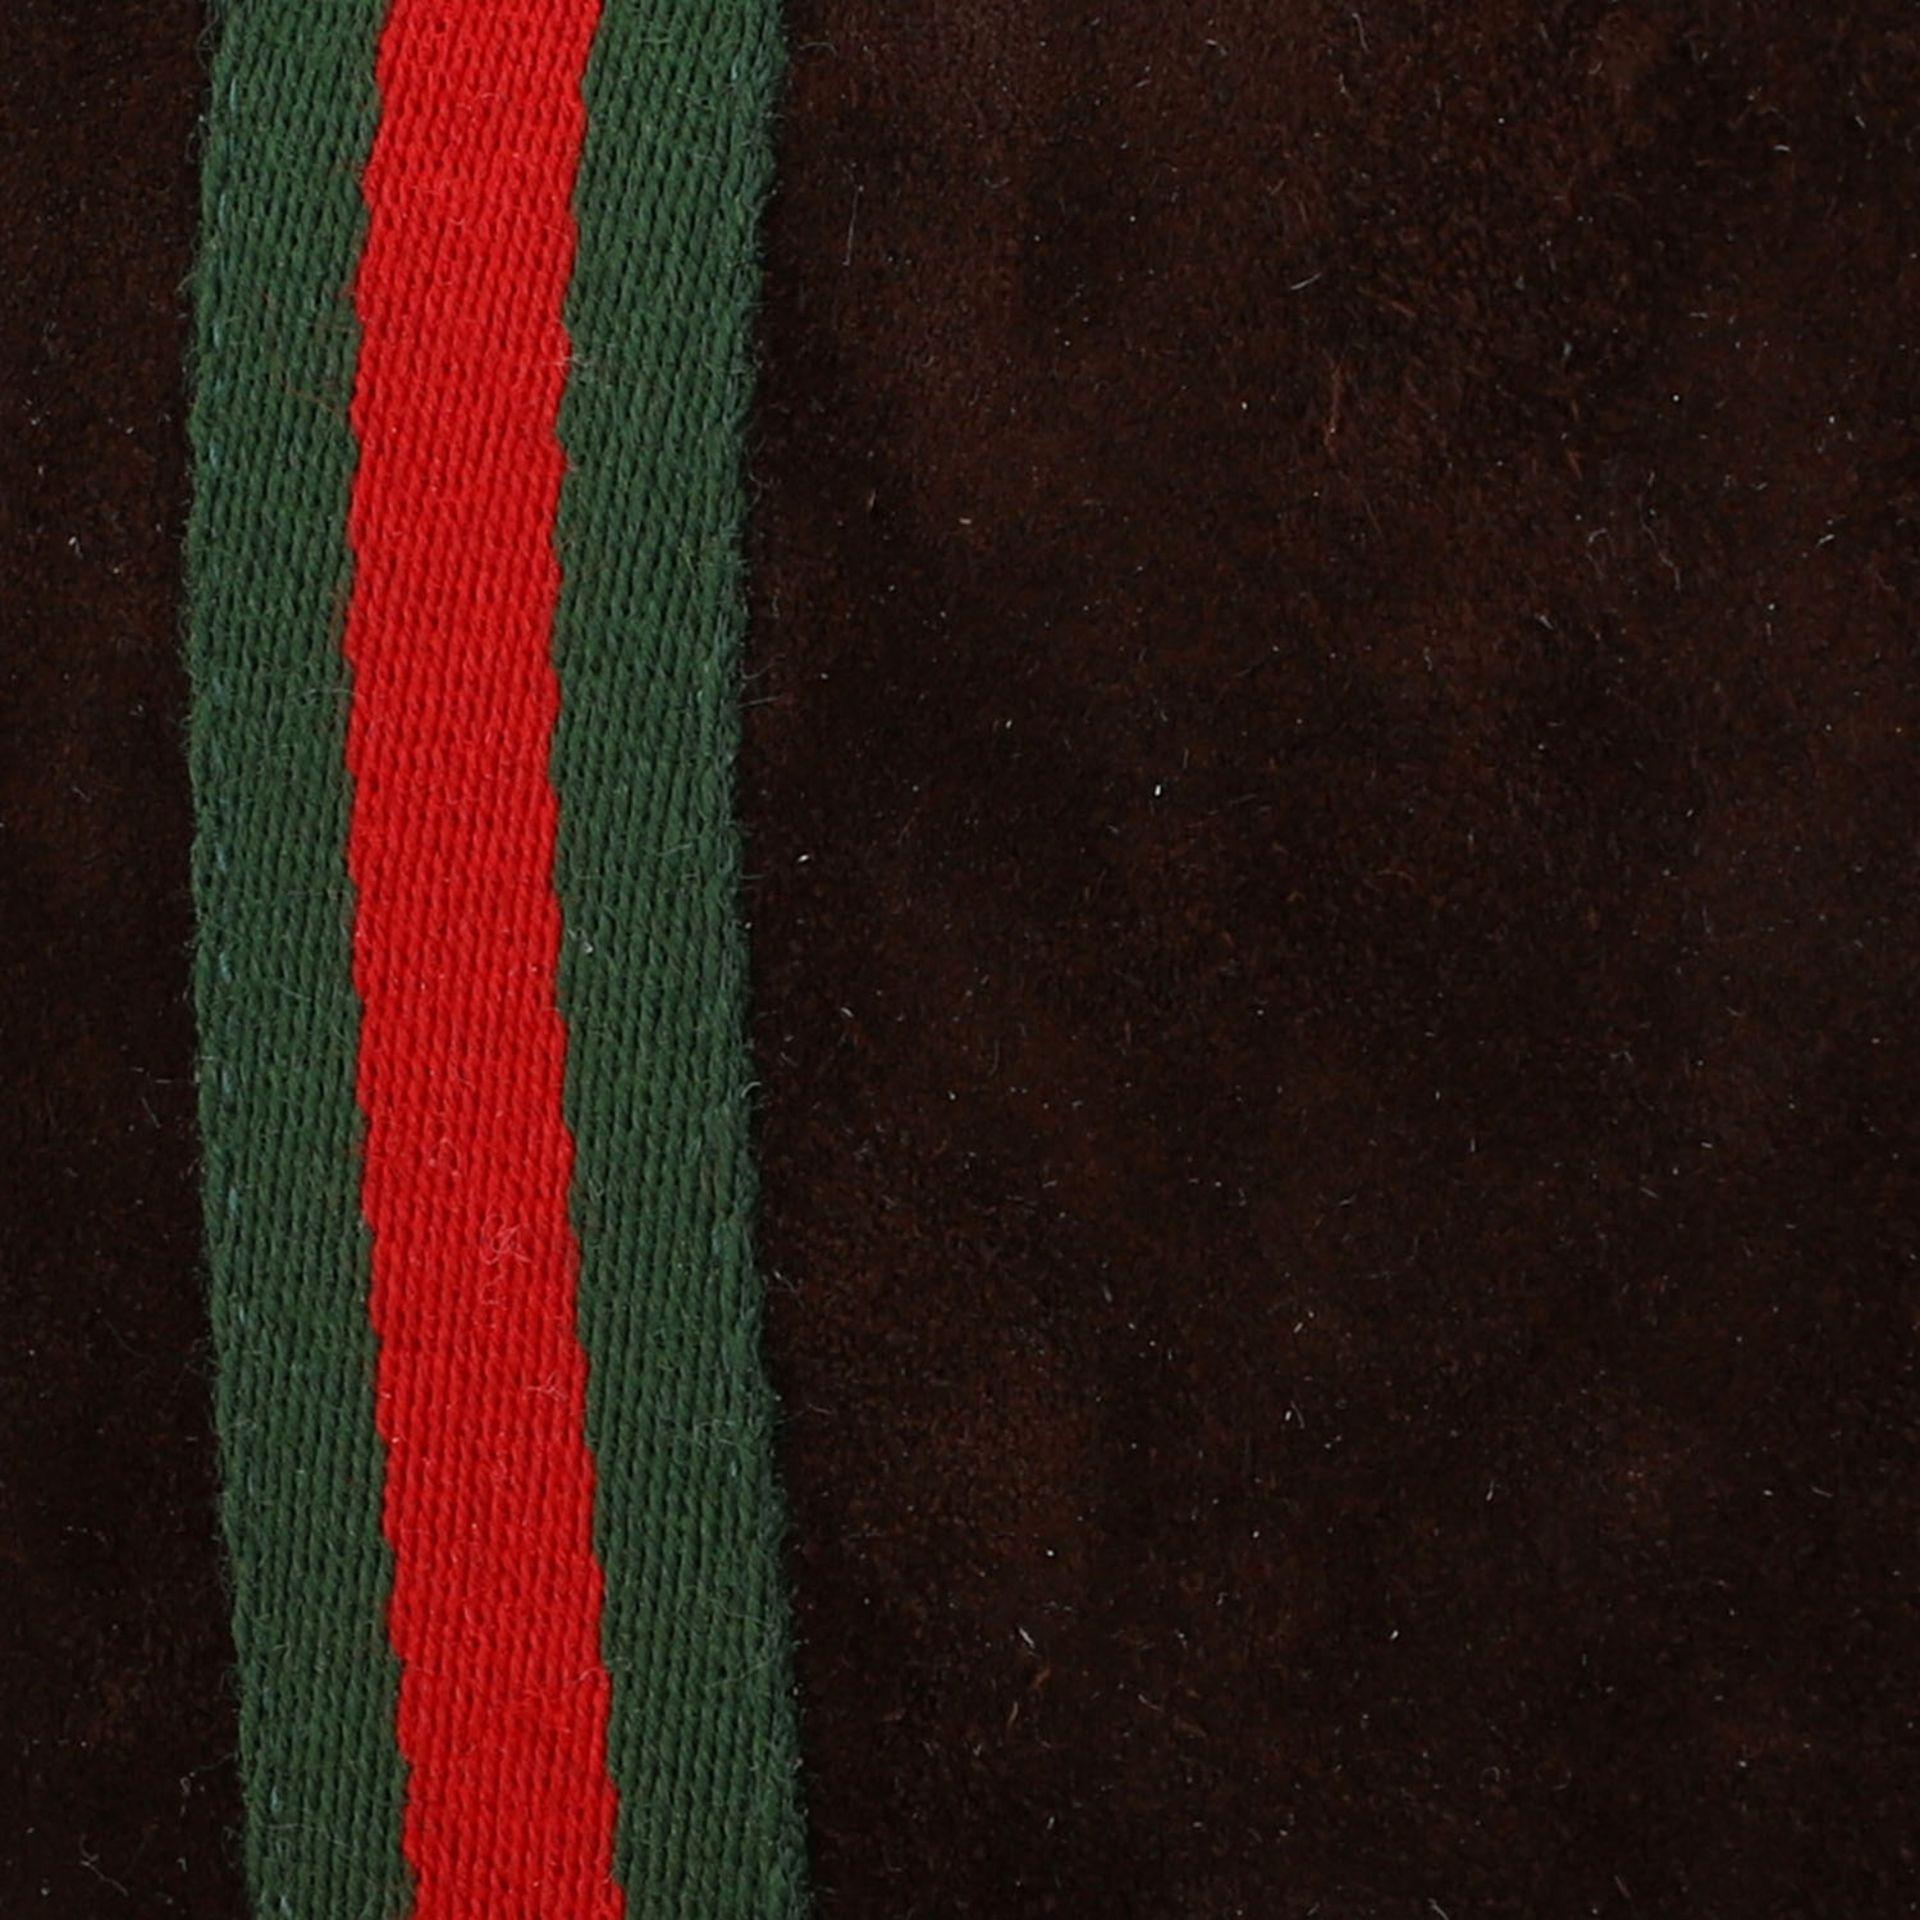 GUCCI PARFUMS VINTAGE Umhängetasche.Wildleder in Dunkelbraun mit Details aus Glattled - Image 8 of 8